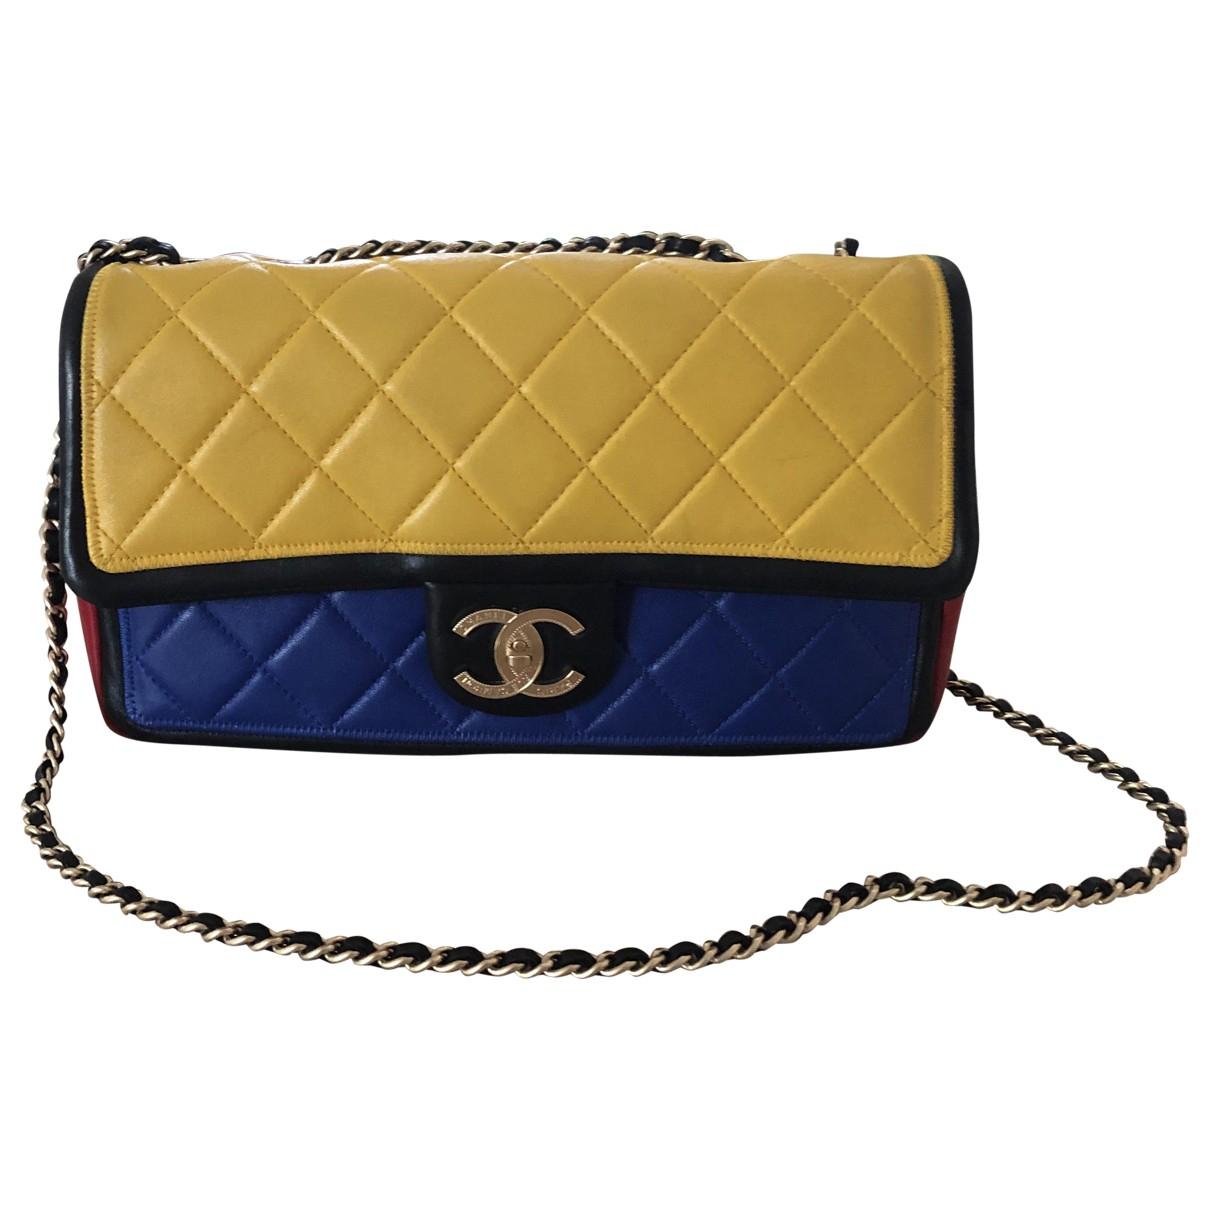 Chanel - Sac a main Timeless/Classique pour femme en cuir - jaune